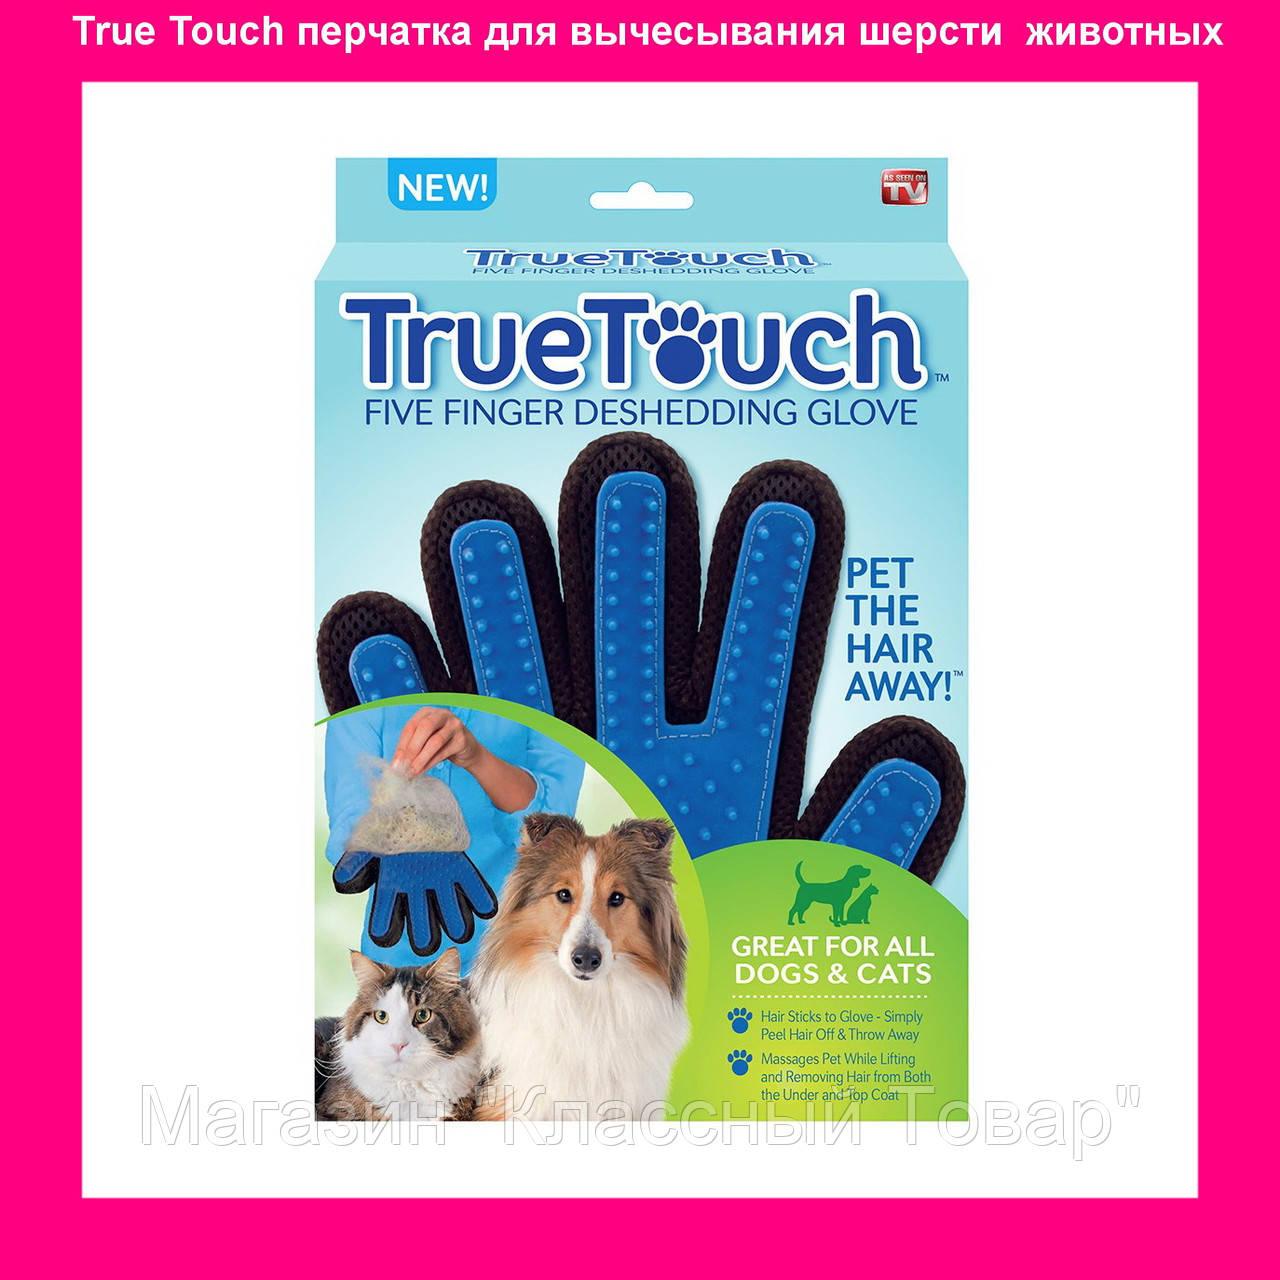 Перчатка True Touch для вычесывания шерсти у животных! Лучший подарок